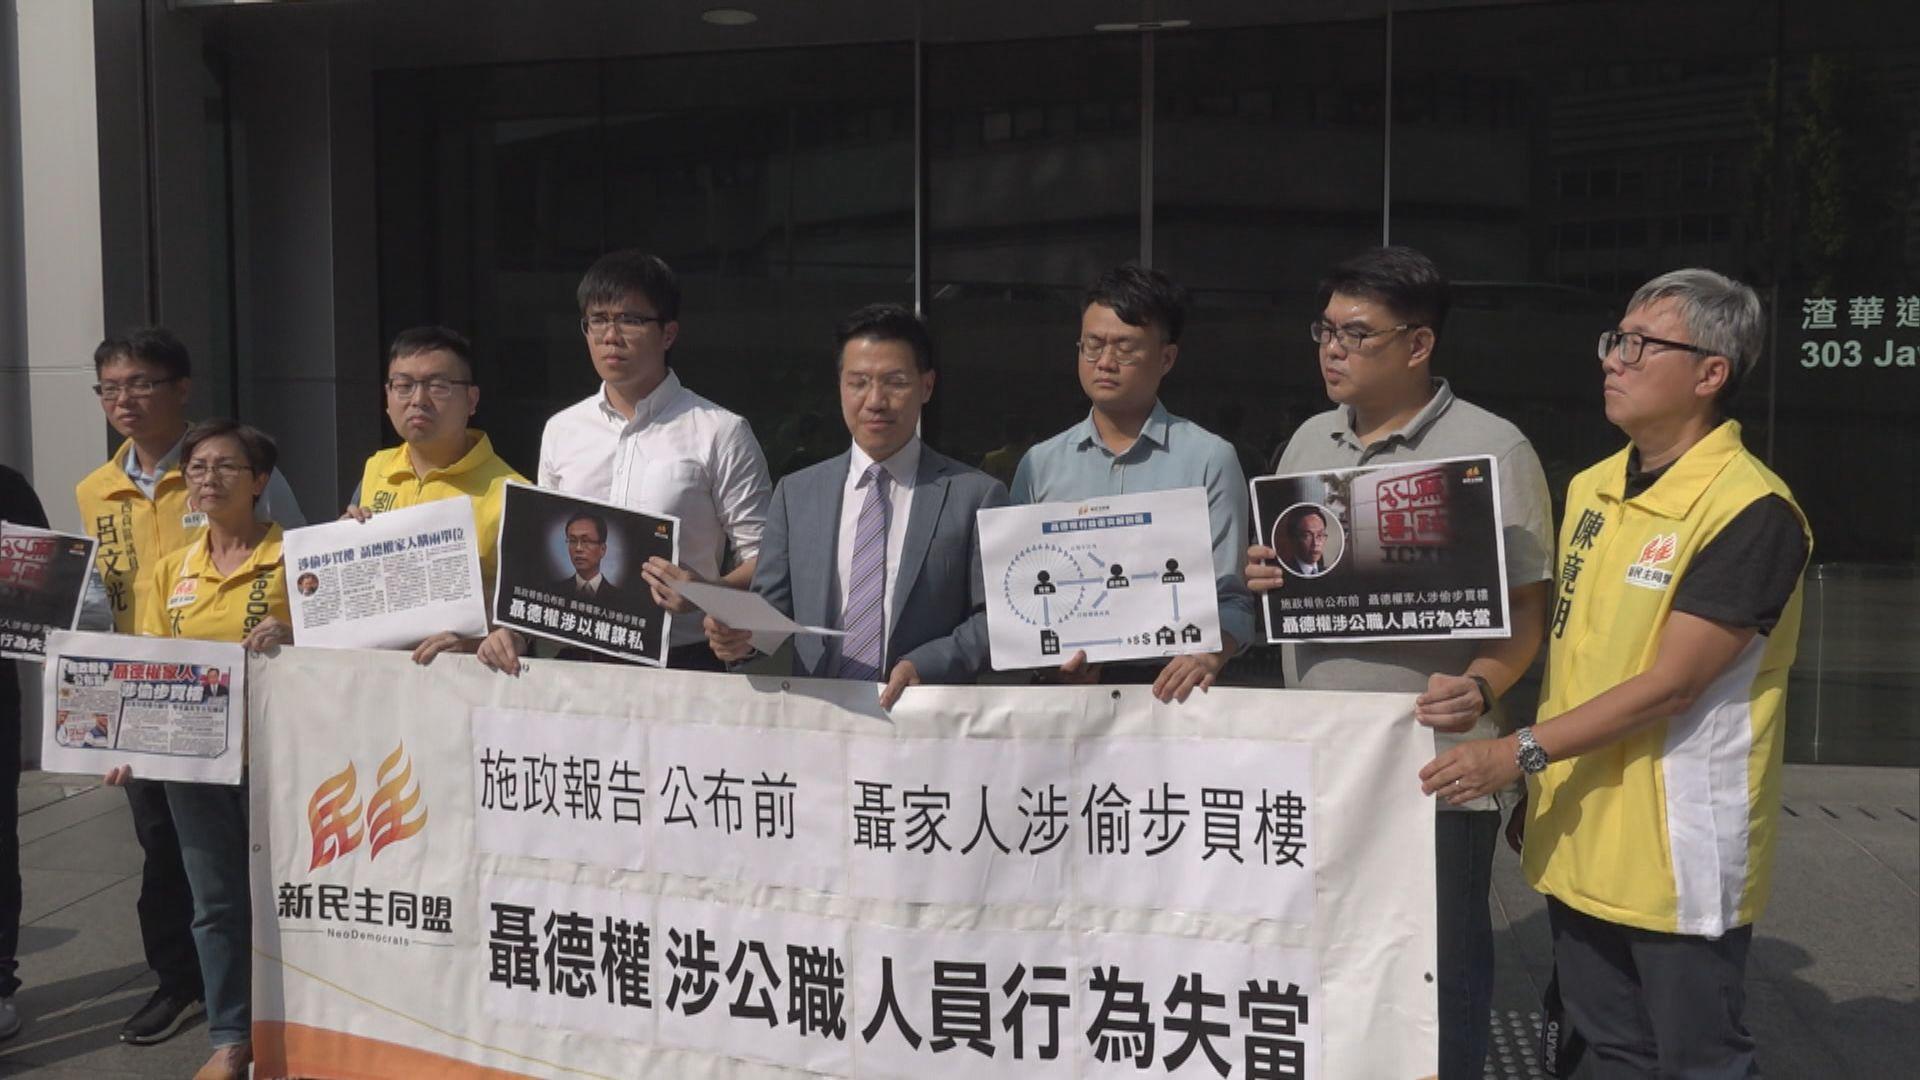 范國威向廉署舉報聶德權涉違反公職人員行為失當